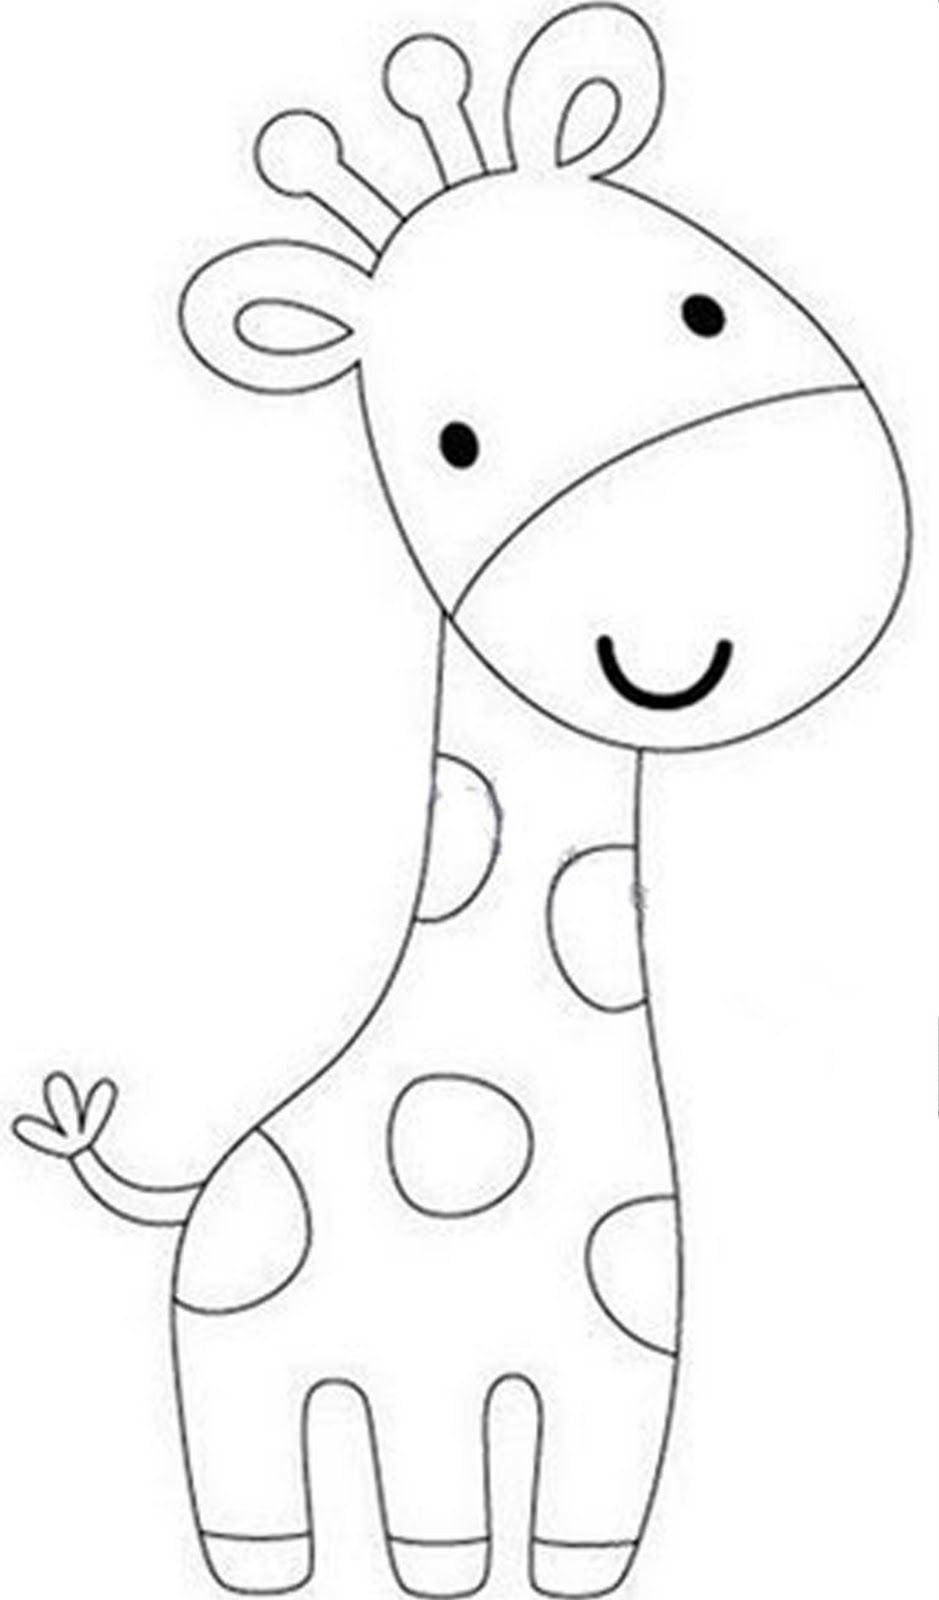 Baiduimage Molde Da Girafa_pesquisa Do Baidu